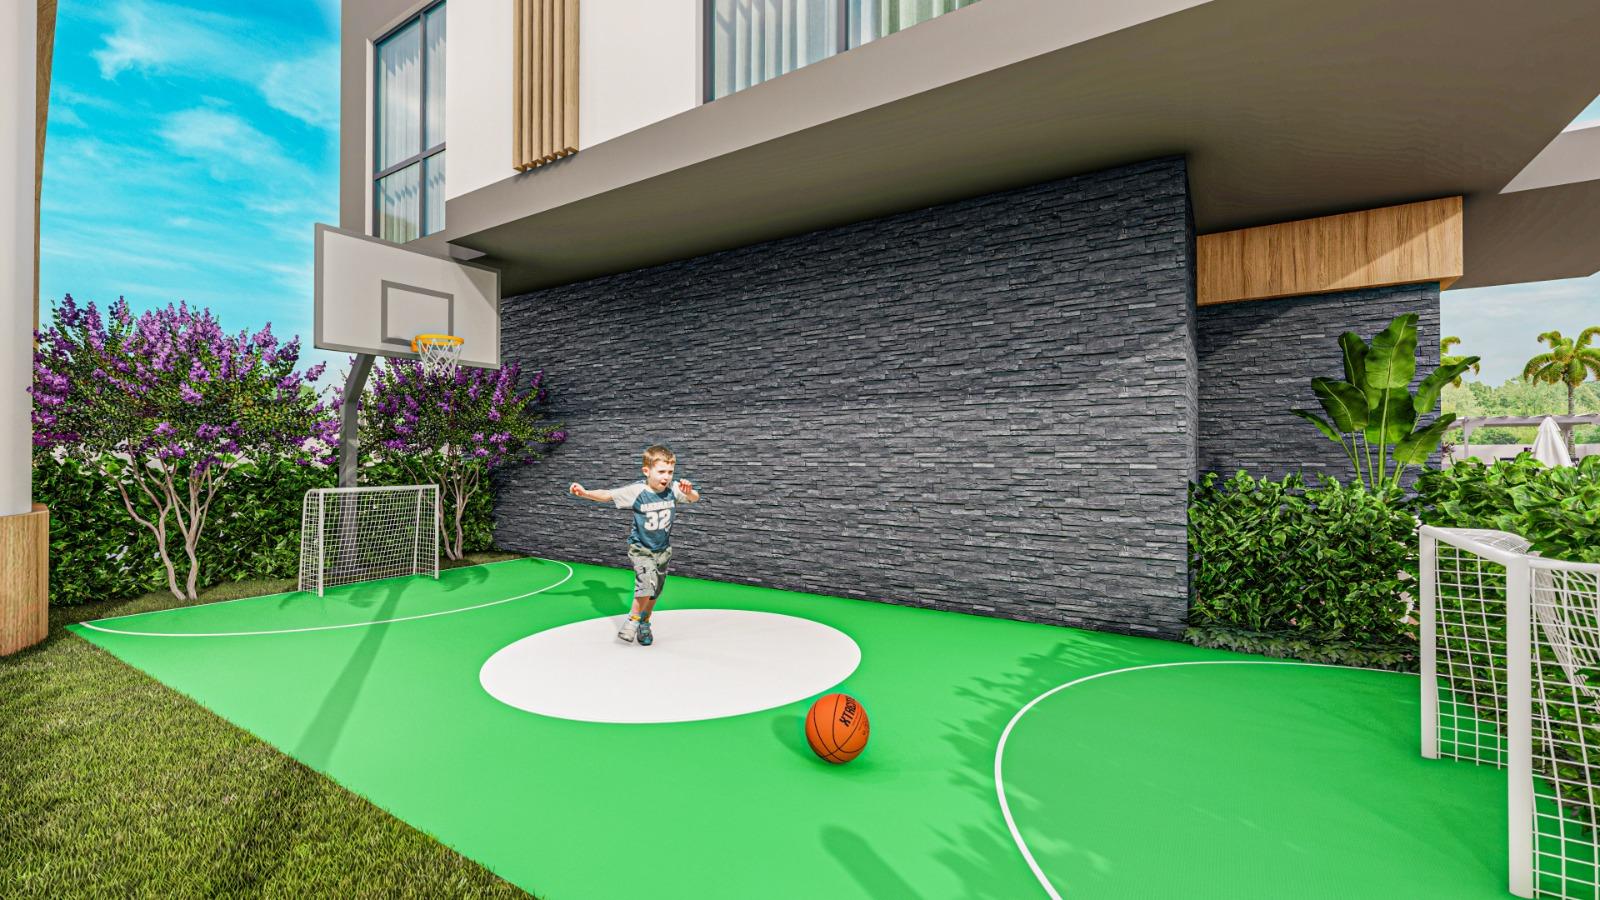 Новые квартиры по приемлемым ценам в строящемся комплексе - Фото 4